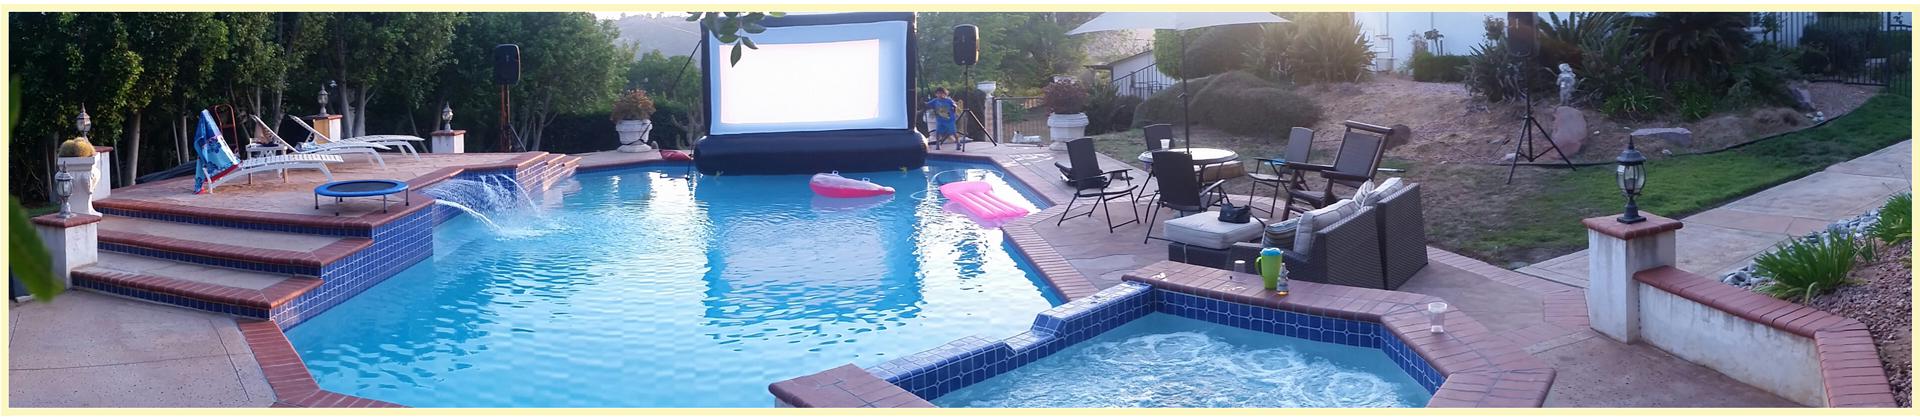 floating swimming pool movie screen rental